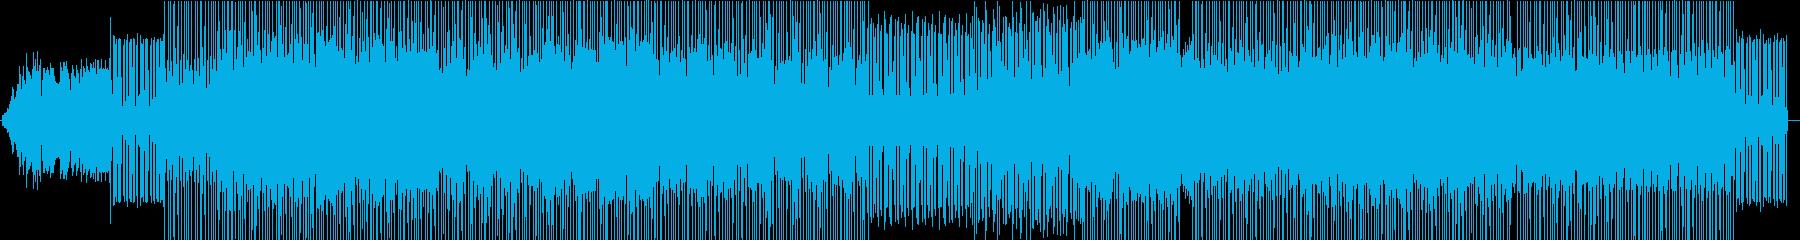 D.A.I.S.Y.の再生済みの波形